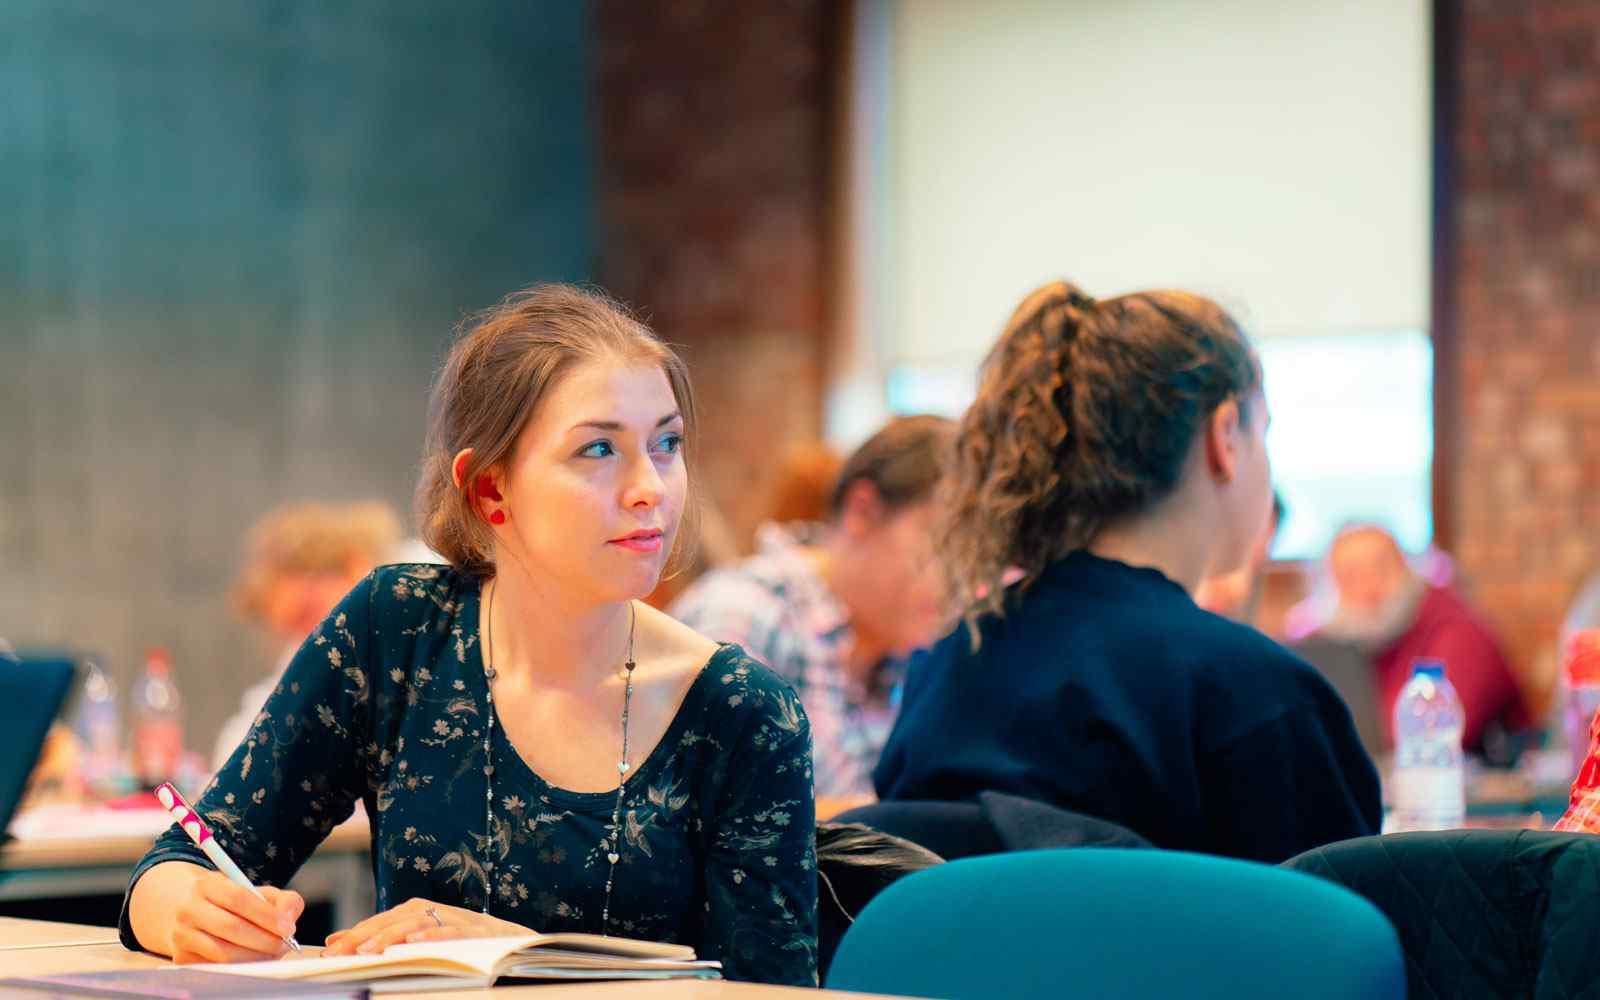 Student in seminar